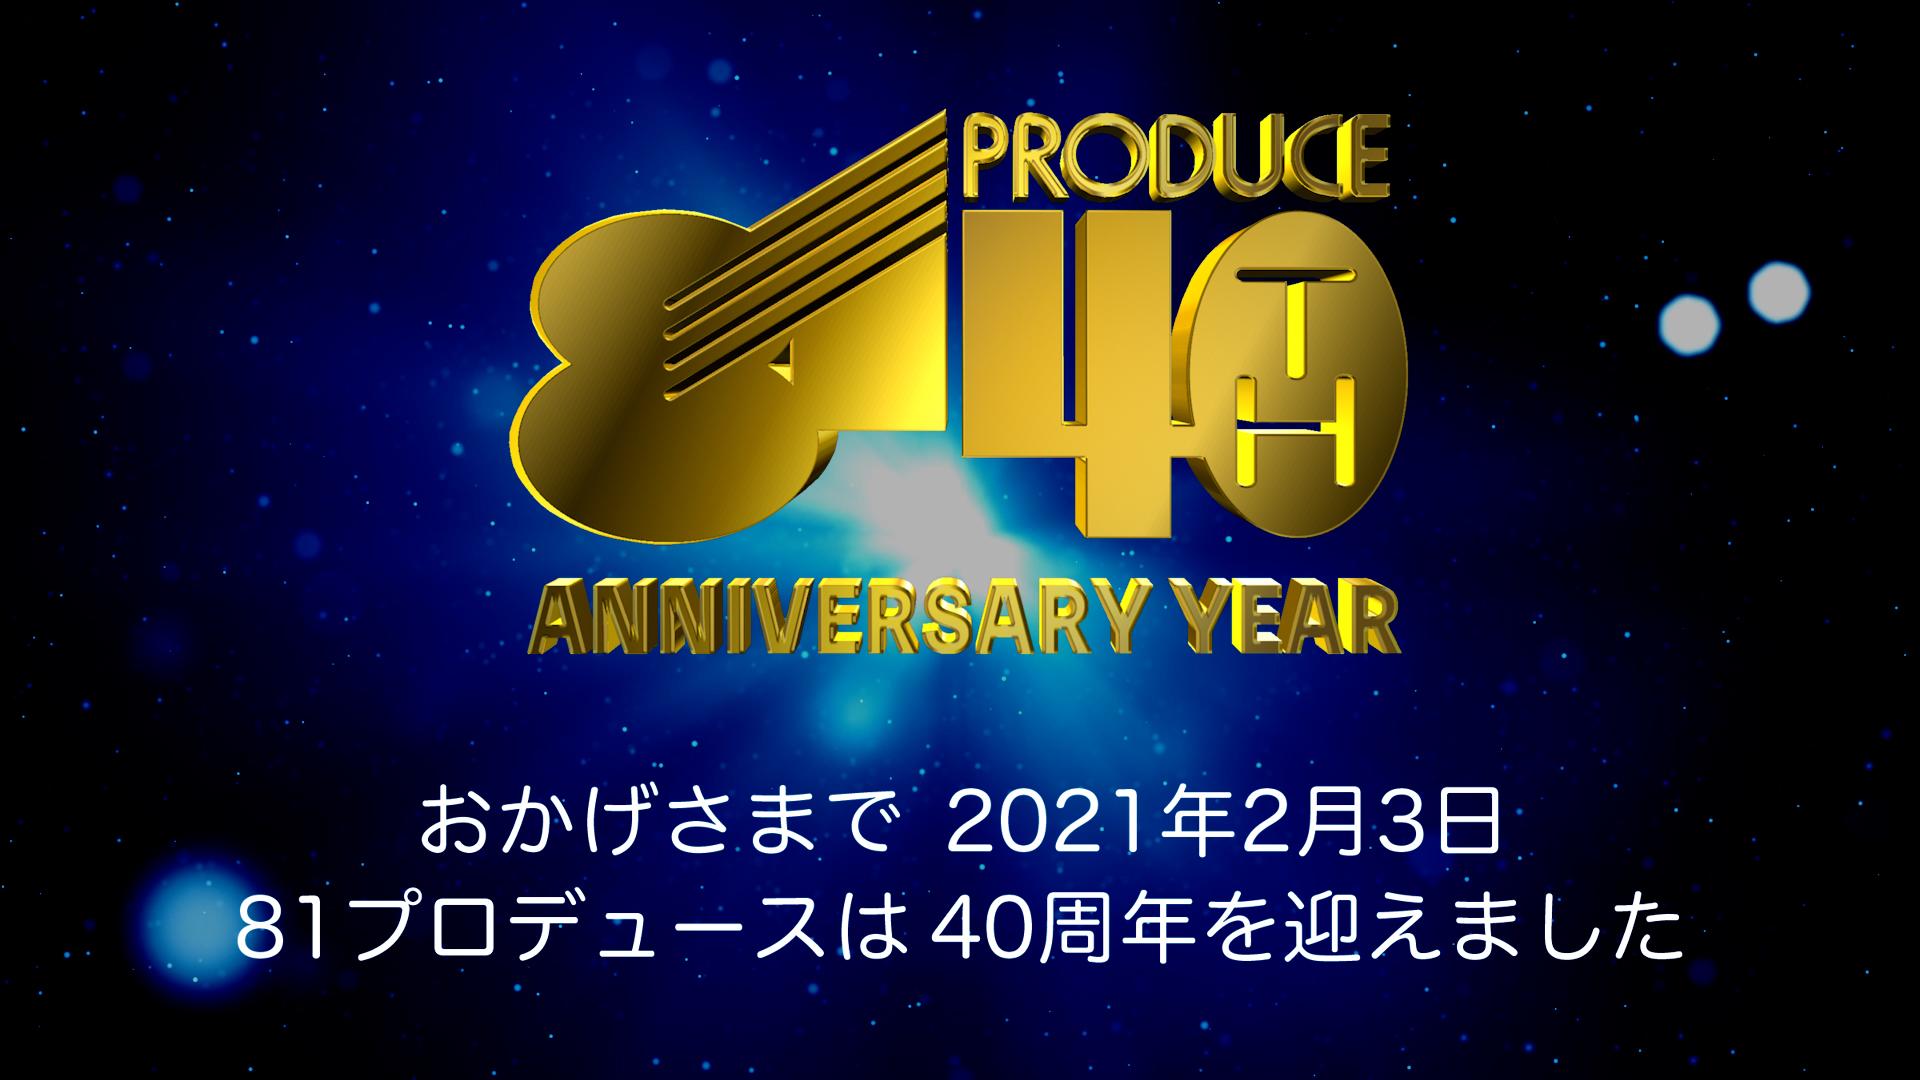 81プロデュースは創立40周年を迎えました